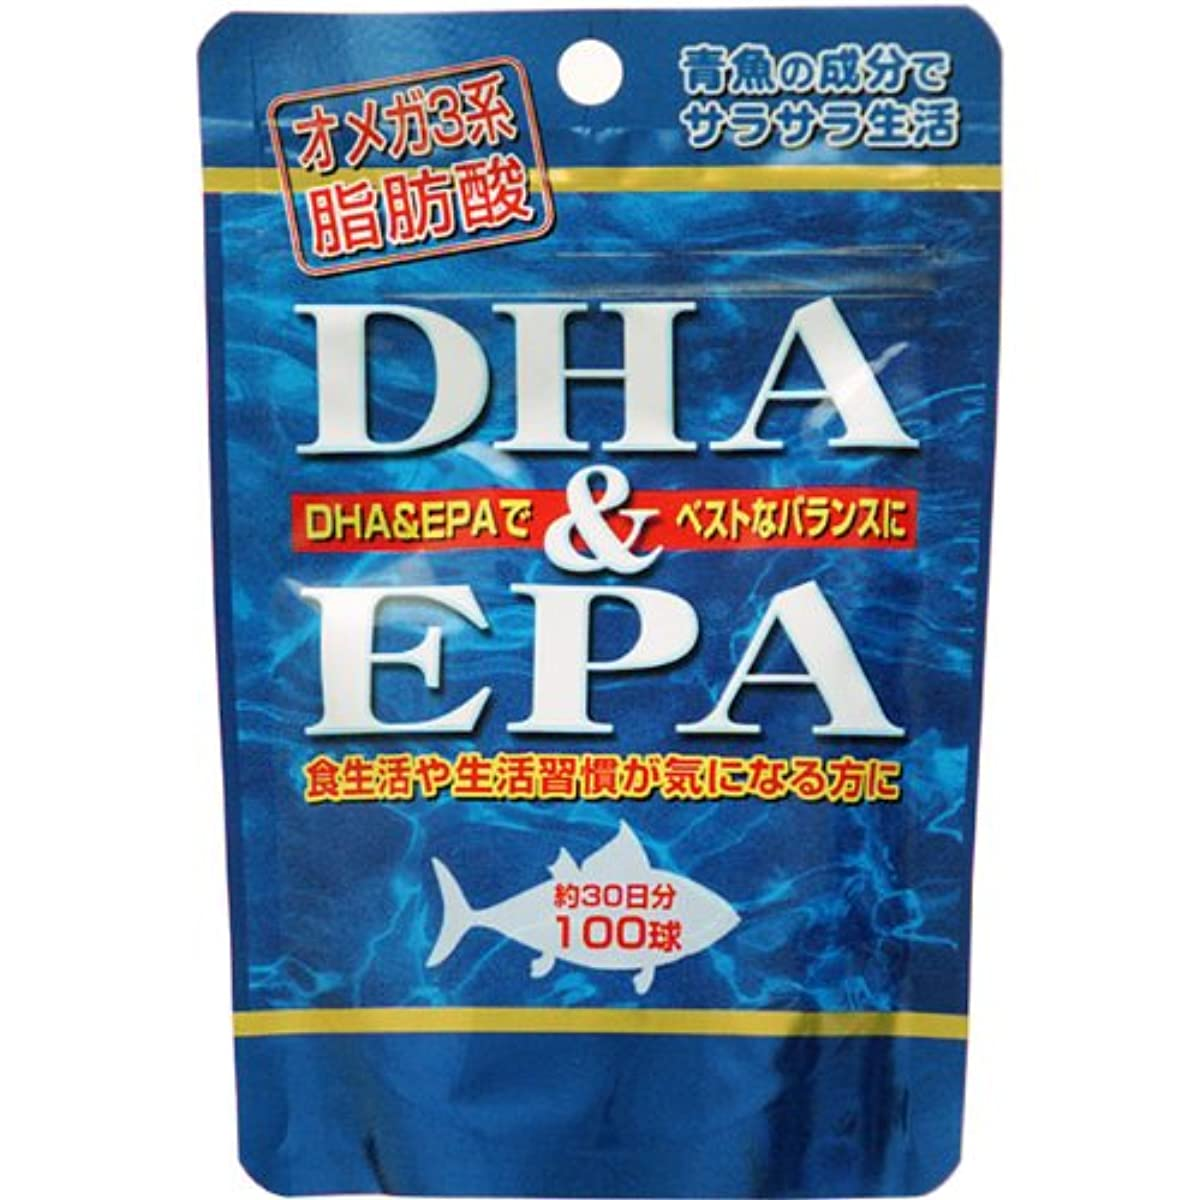 くさび屈辱する絶滅DHA(ドコサヘキサエン酸)&EPA(エイコサペンタエン酸)×5